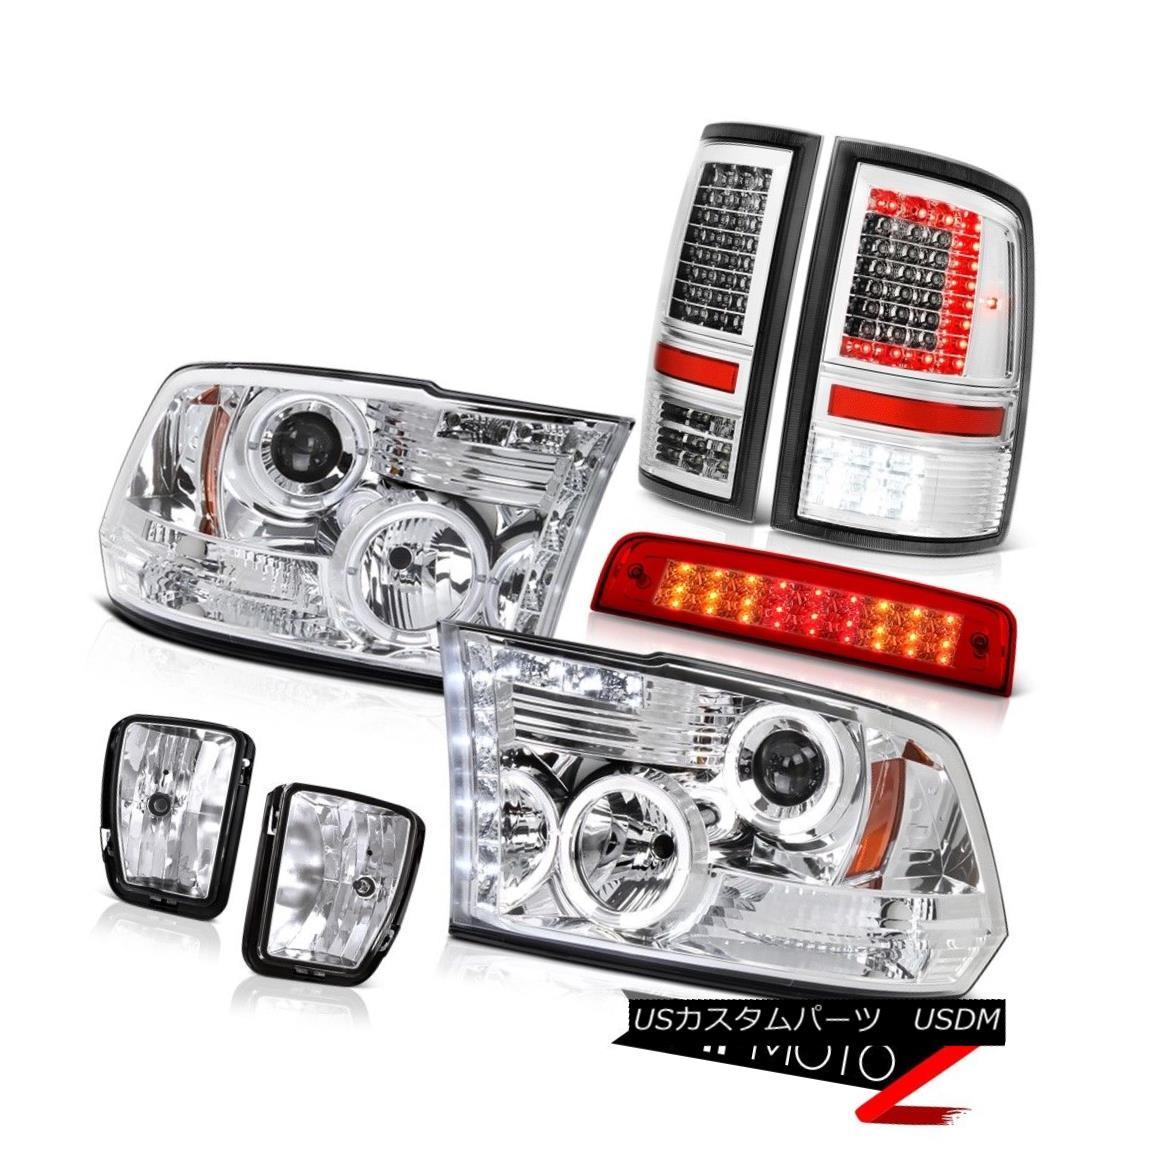 ヘッドライト 13-18 RAM 1500 Tail Lamps Bloody Red 3rd Brake Light Driving Headlamp SET PAIR 13-18 RAM 1500テールランプブラッディーレッド第3ブレーキライトヘッドランプSET PAIR画像